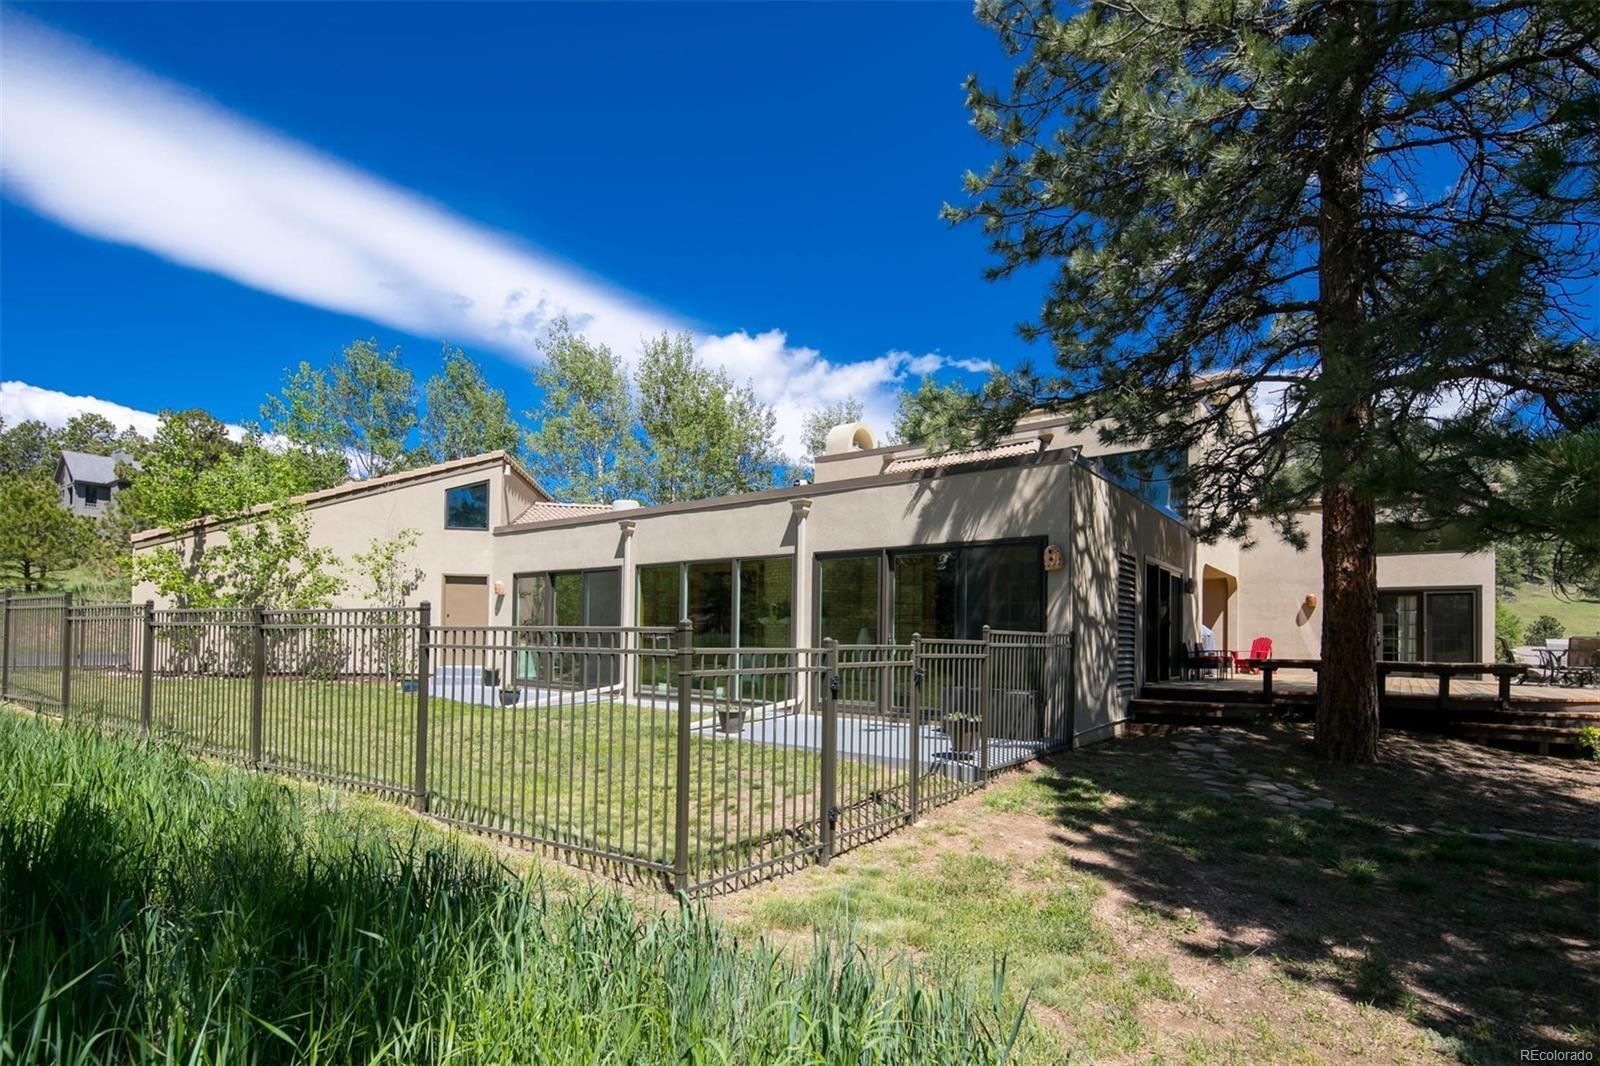 MLS# 6394193 - 1 - 2195  S Foothills Drive, Golden, CO 80401